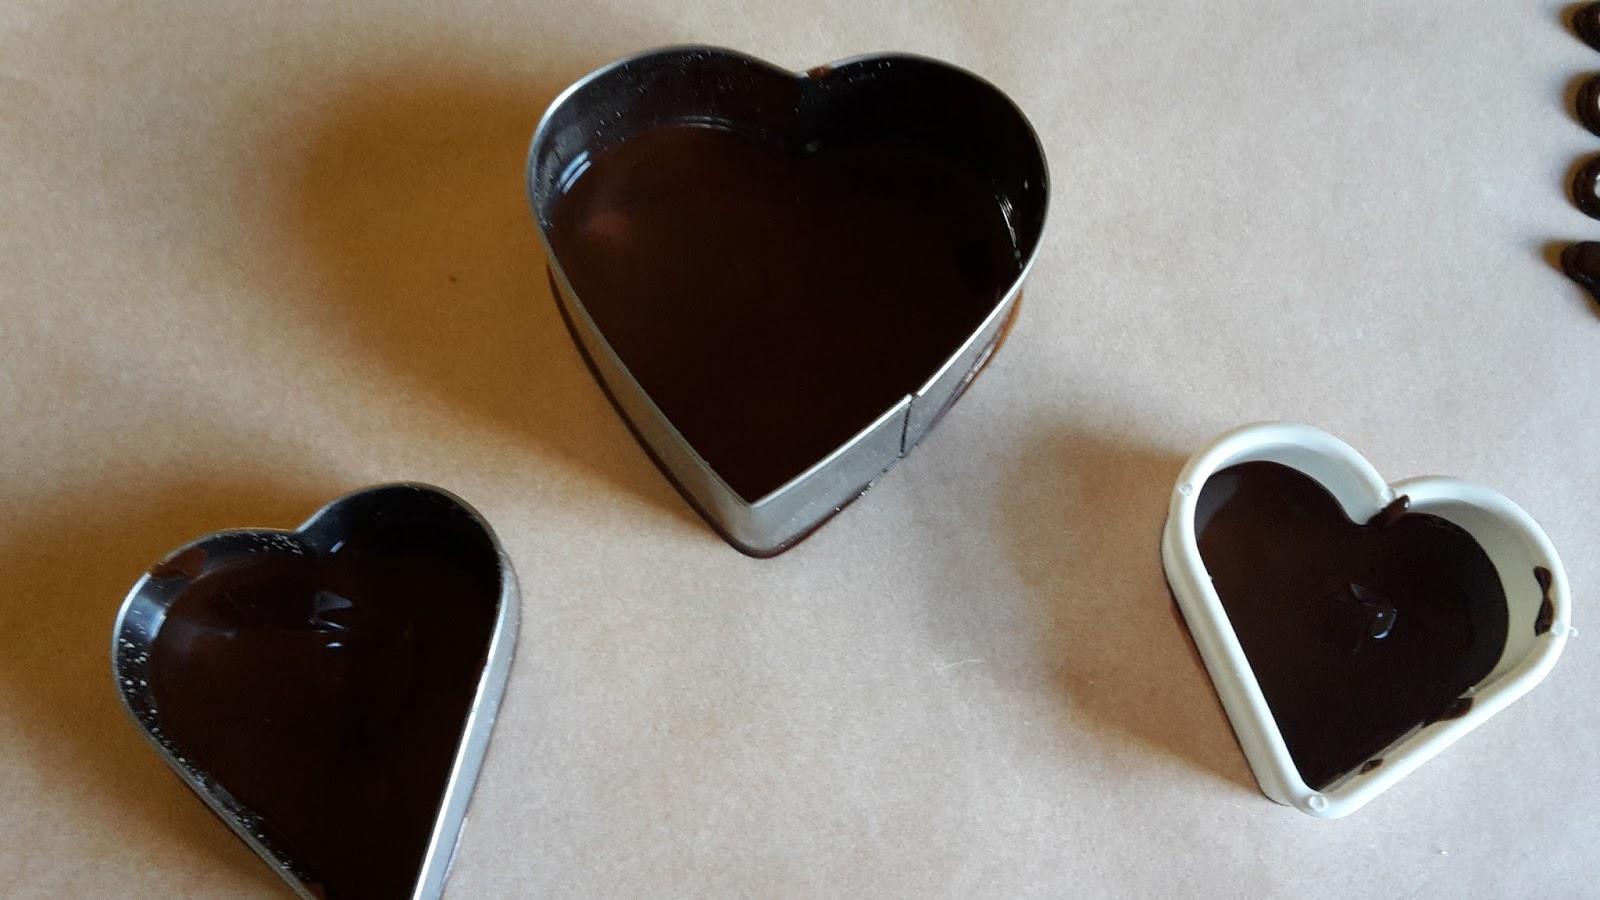 Cortesie in cucina torta cioccolato e noci - Bagno di cioccolato ...